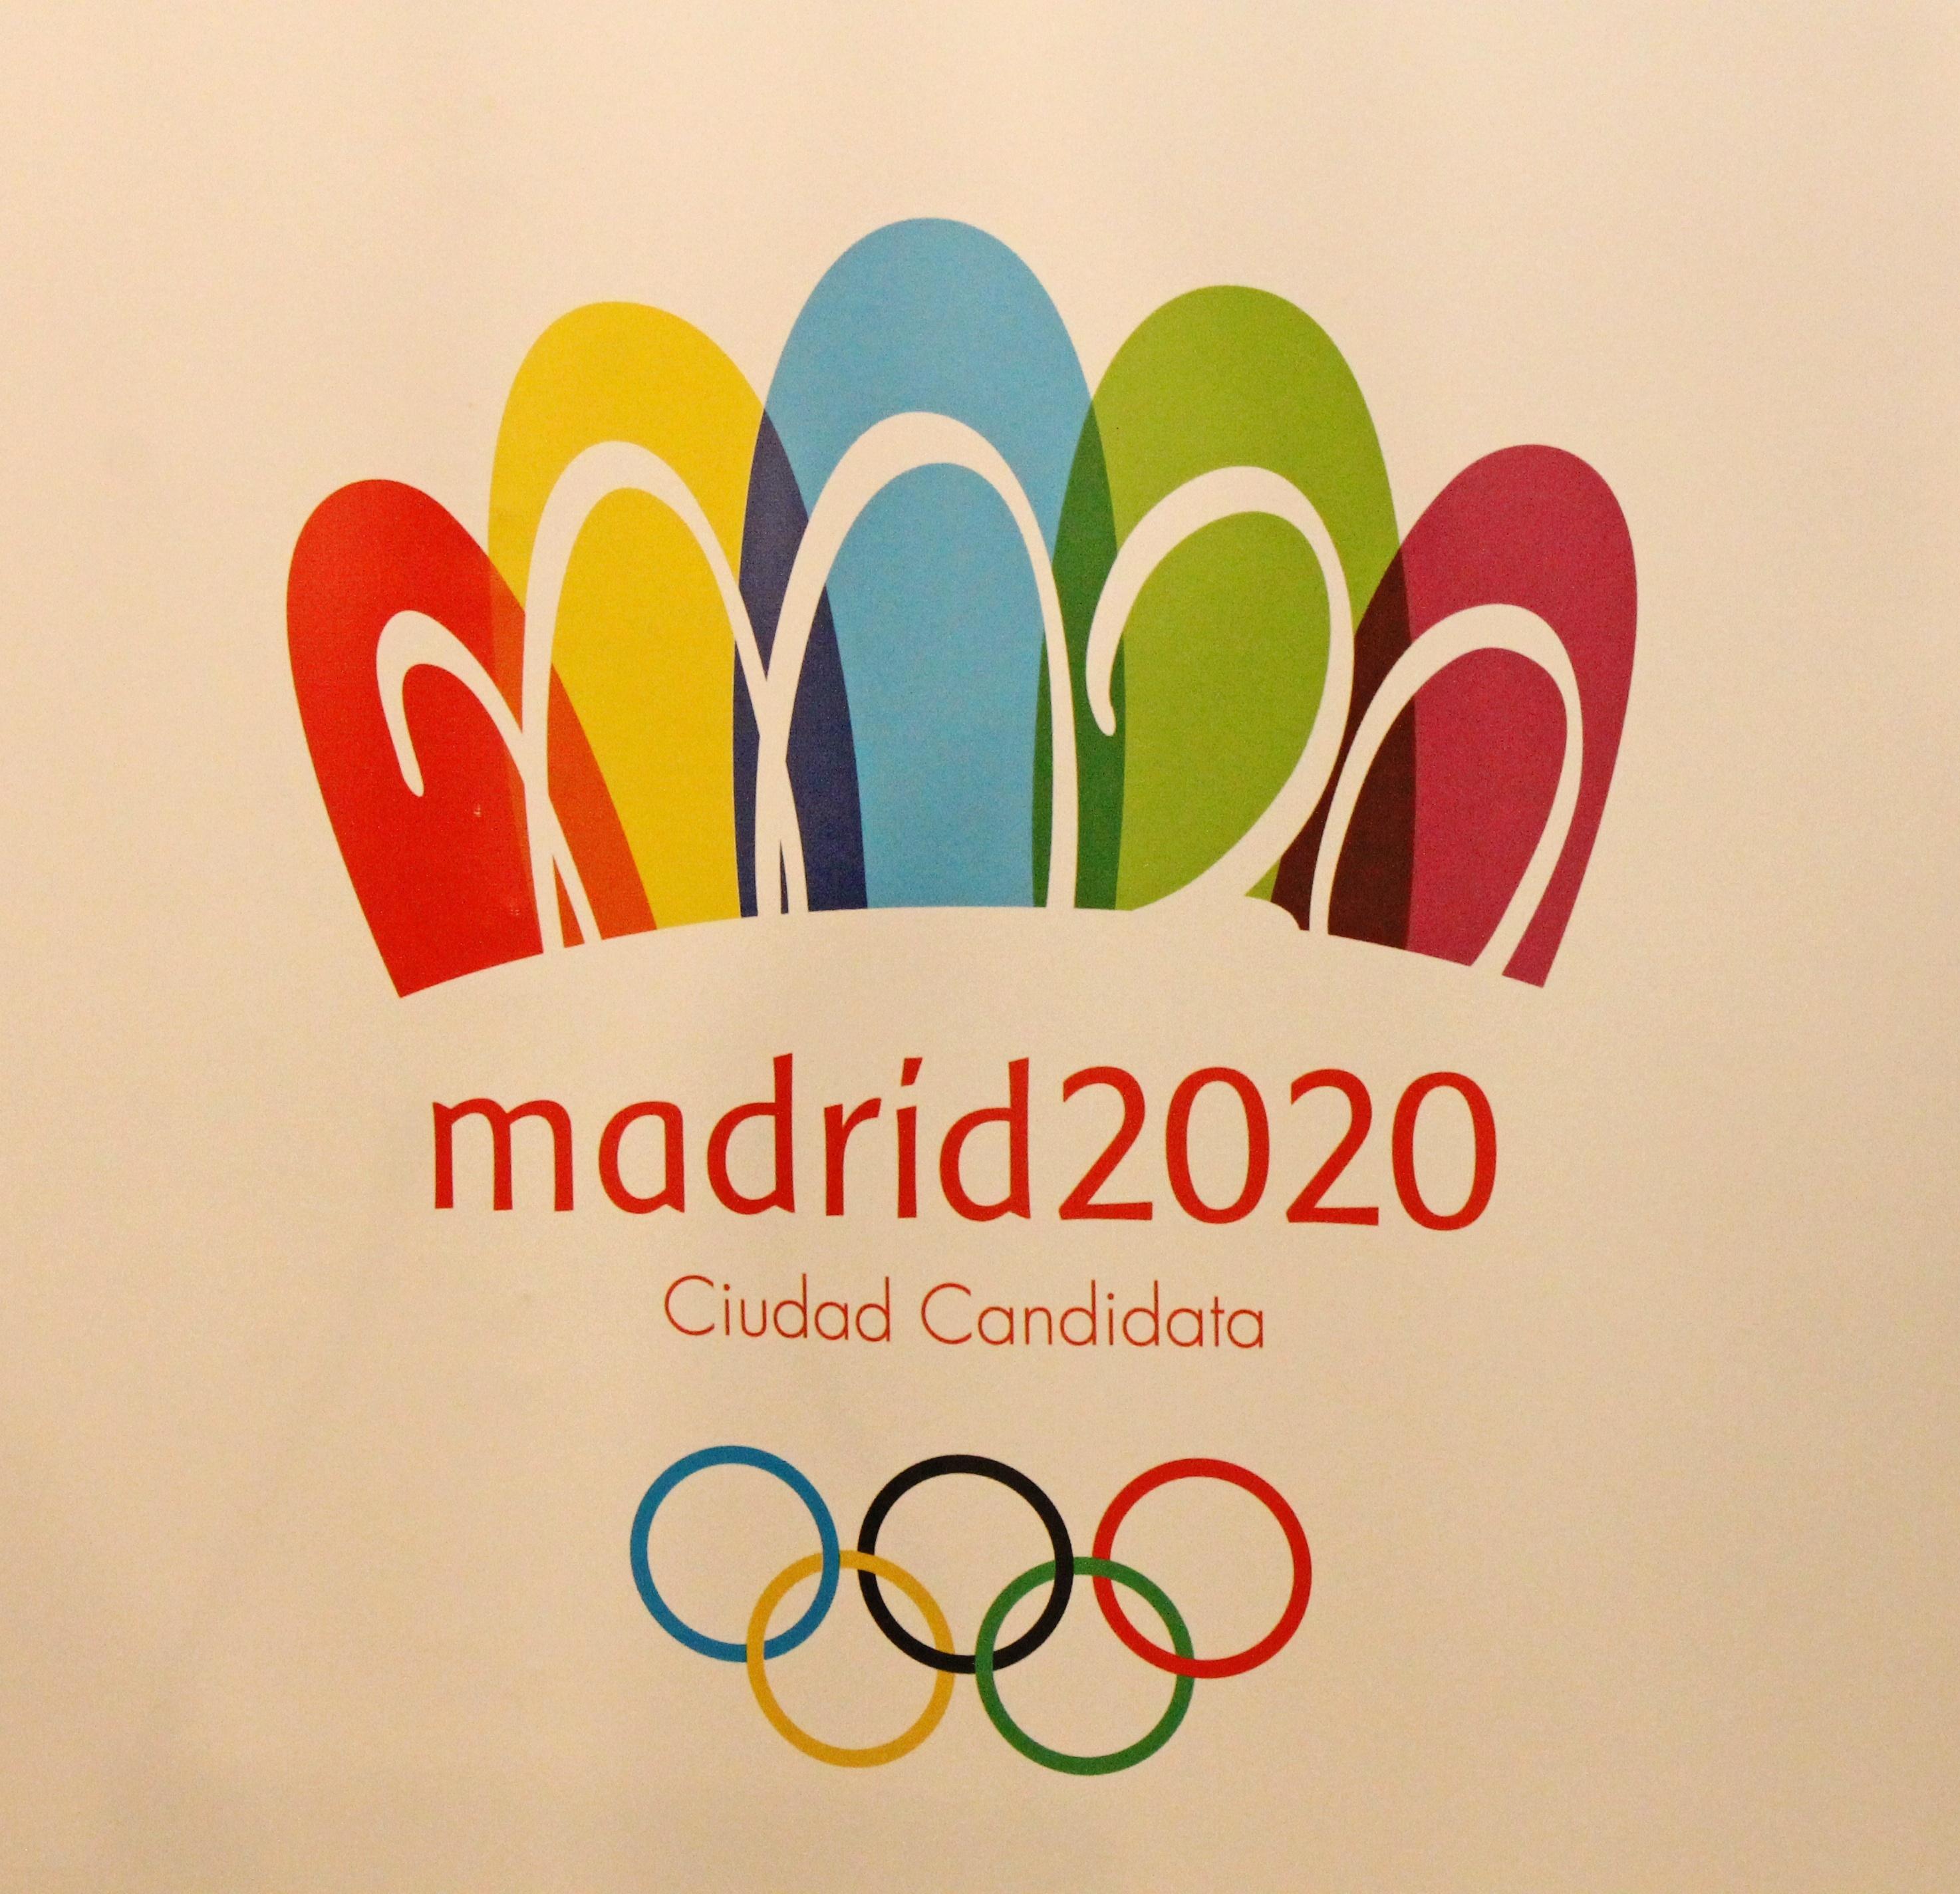 El informe del COI destaca que Madrid ha presentado el mejor proyecto de su historia